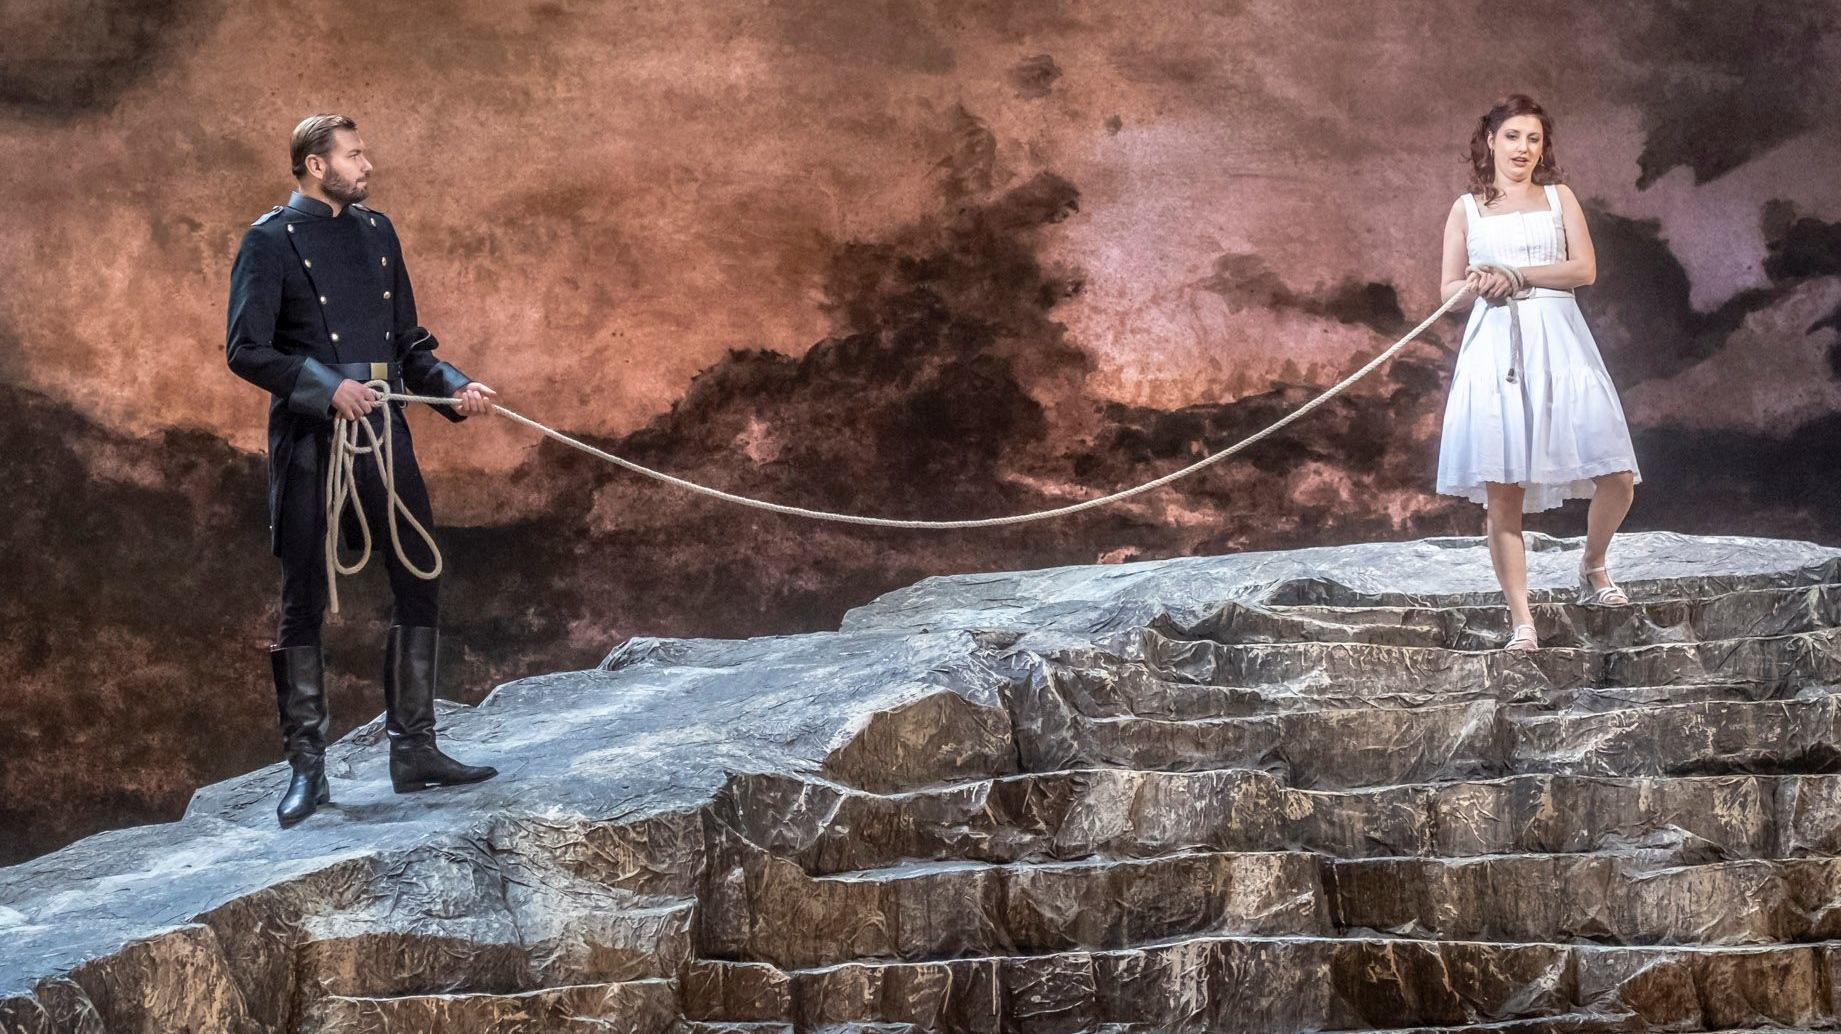 Don José führt seine Geliebte am Seil über den Felsen